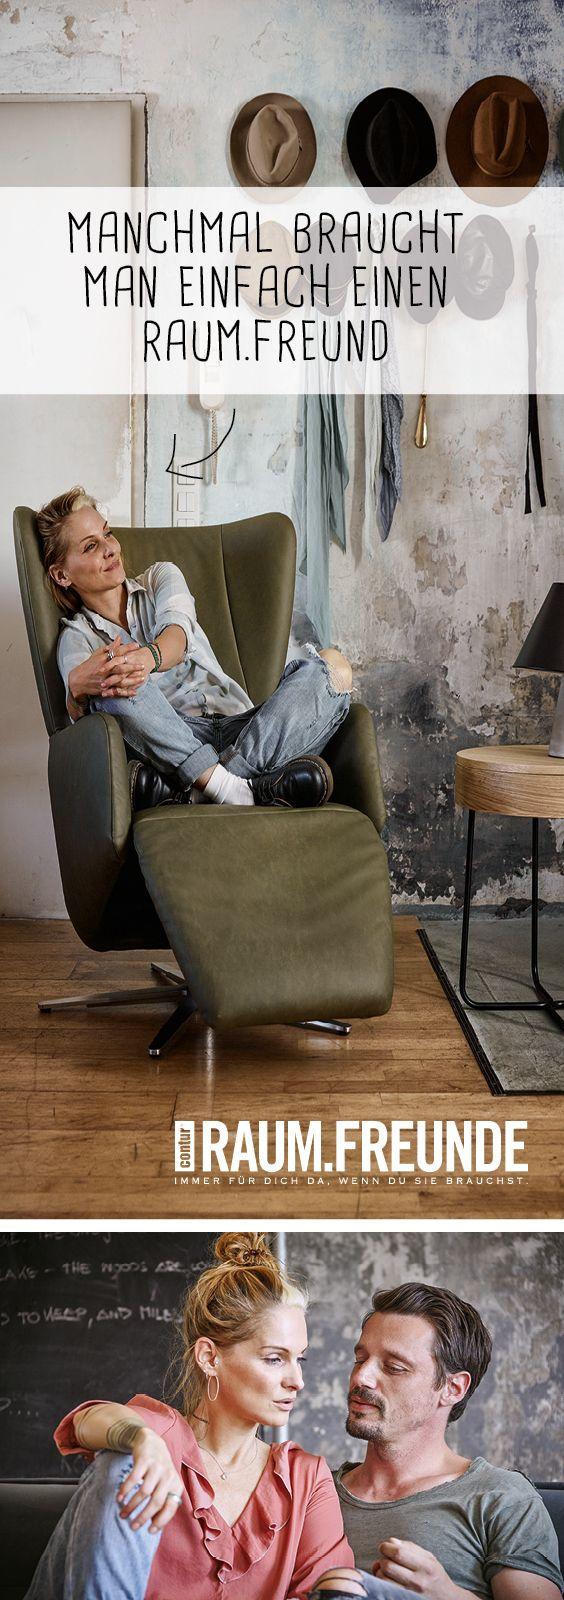 Sollten Möbel Einem Freunde Werden Oder Nur So In Der Wohnung Rumstehen?  Klar   Sie Sollen Dir Gefallen. Mehr Noch   Sie Müssen In Dein Leben  Passen, ...